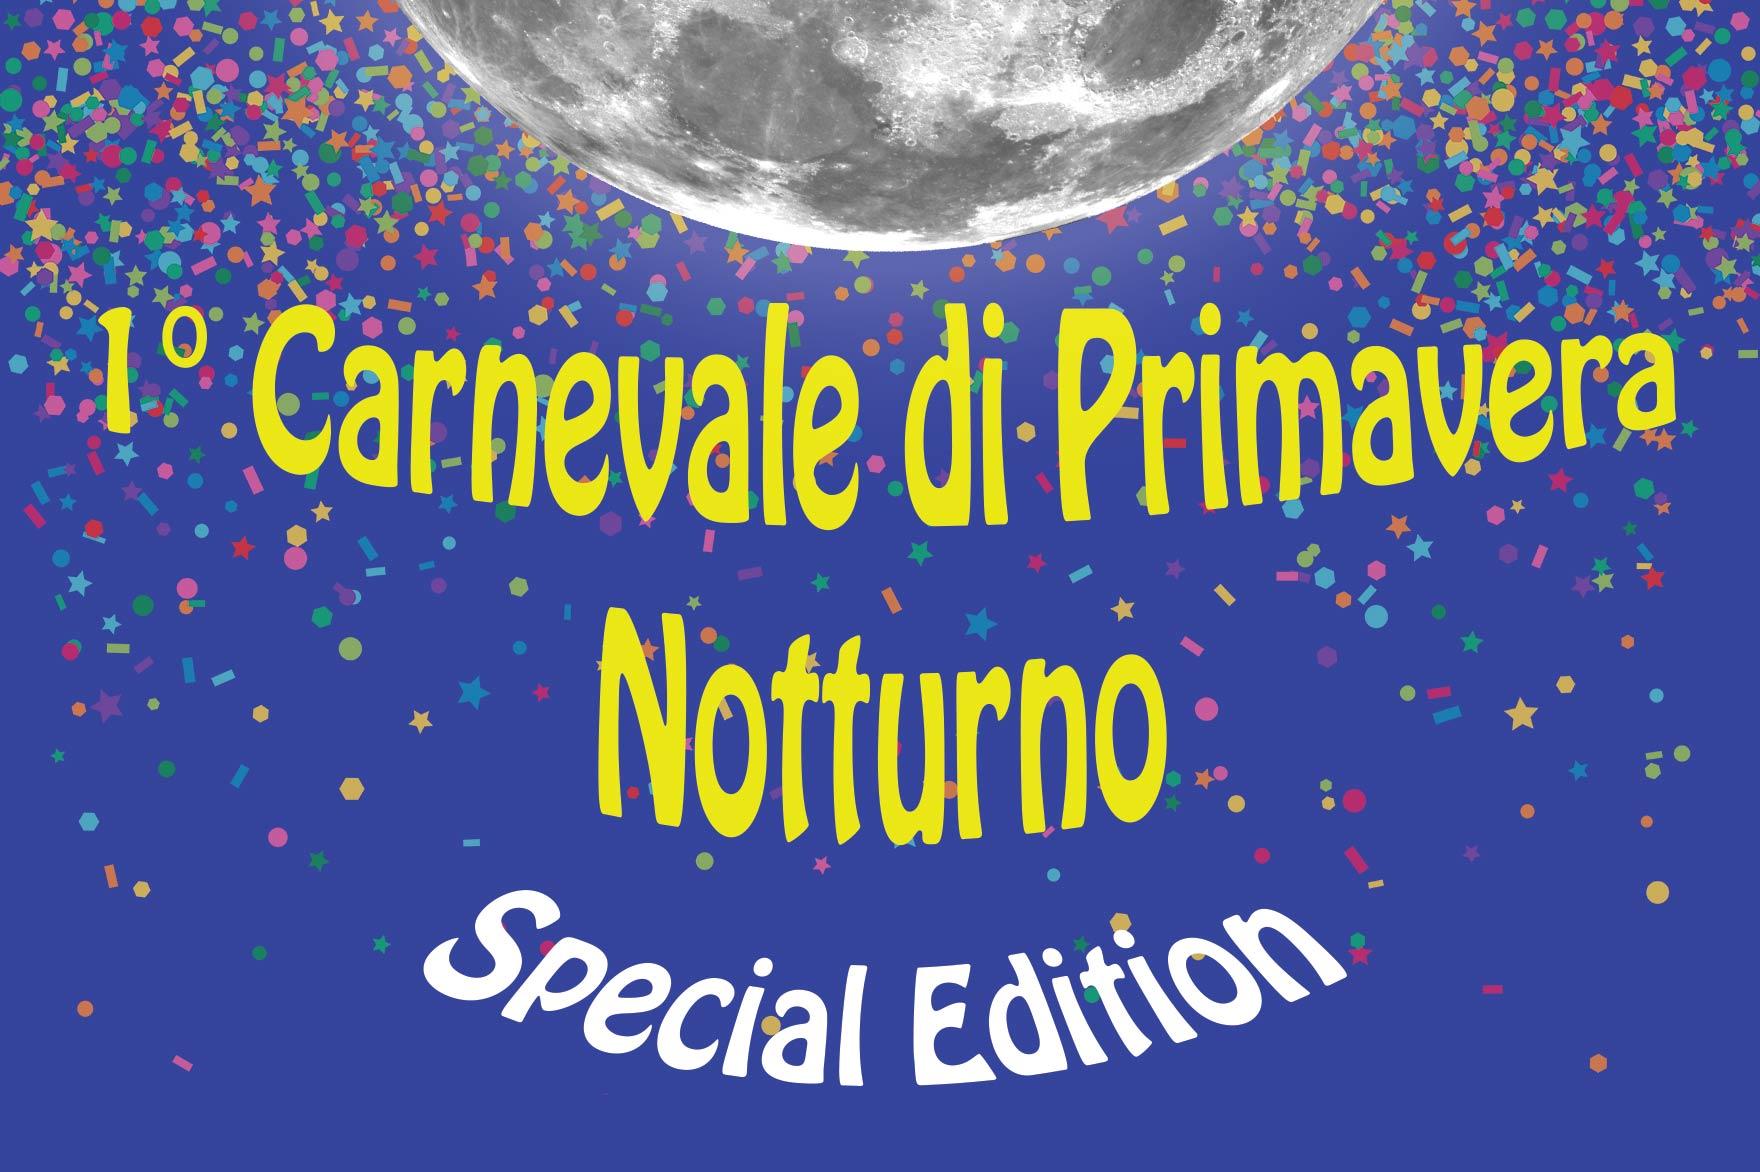 1° Carnevale di Primavera Notturno a Ficarolo